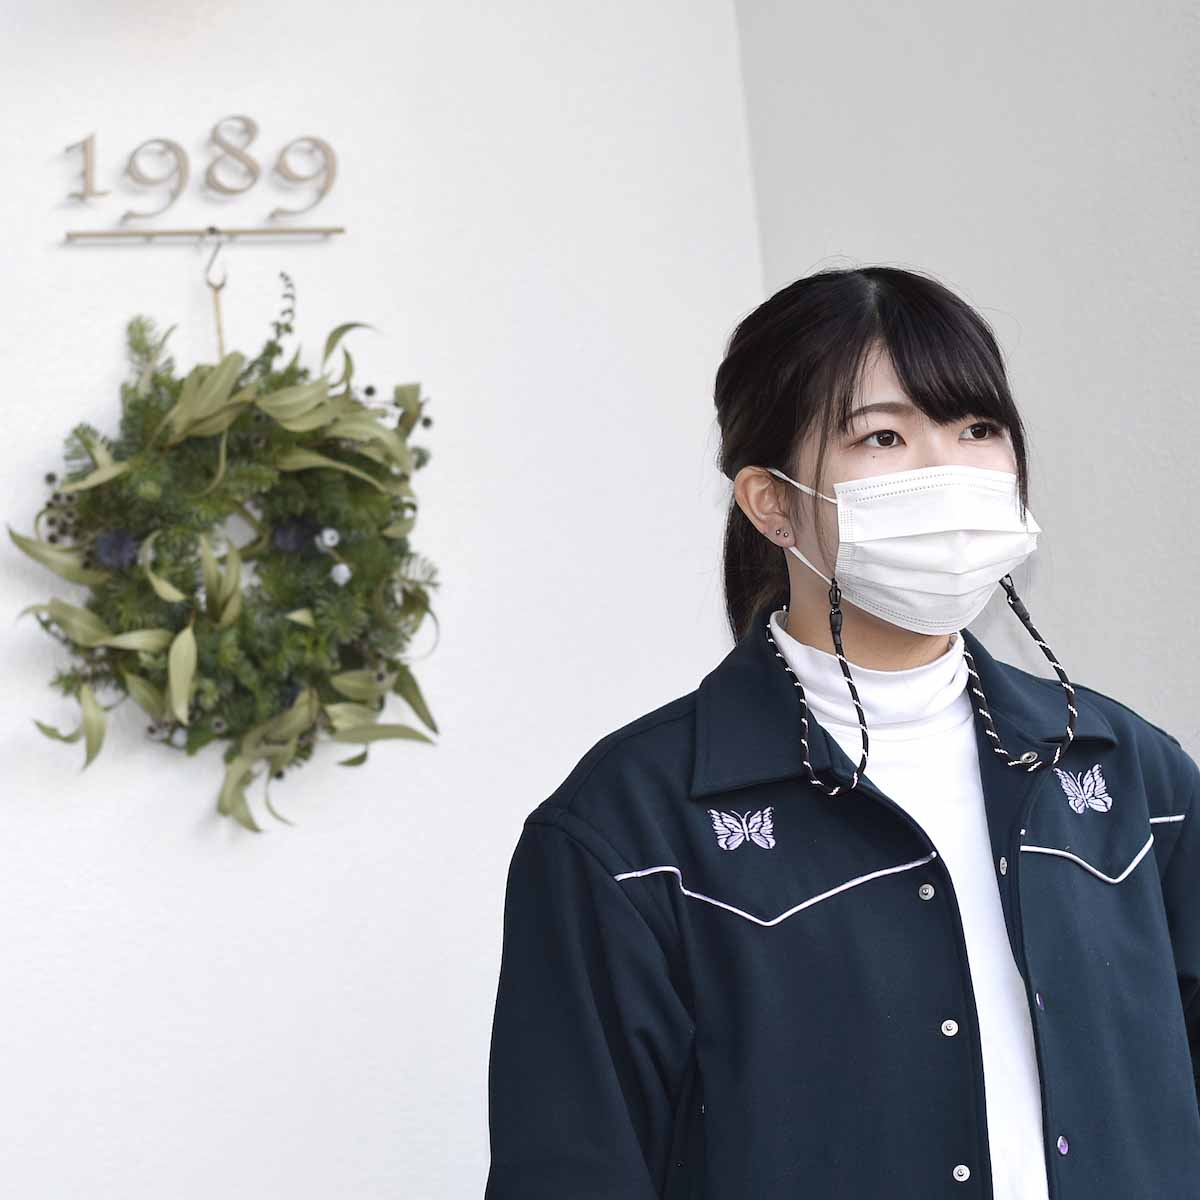 吉岡衣料店 / Mask Code. (Black Reflect)着用イメージ3